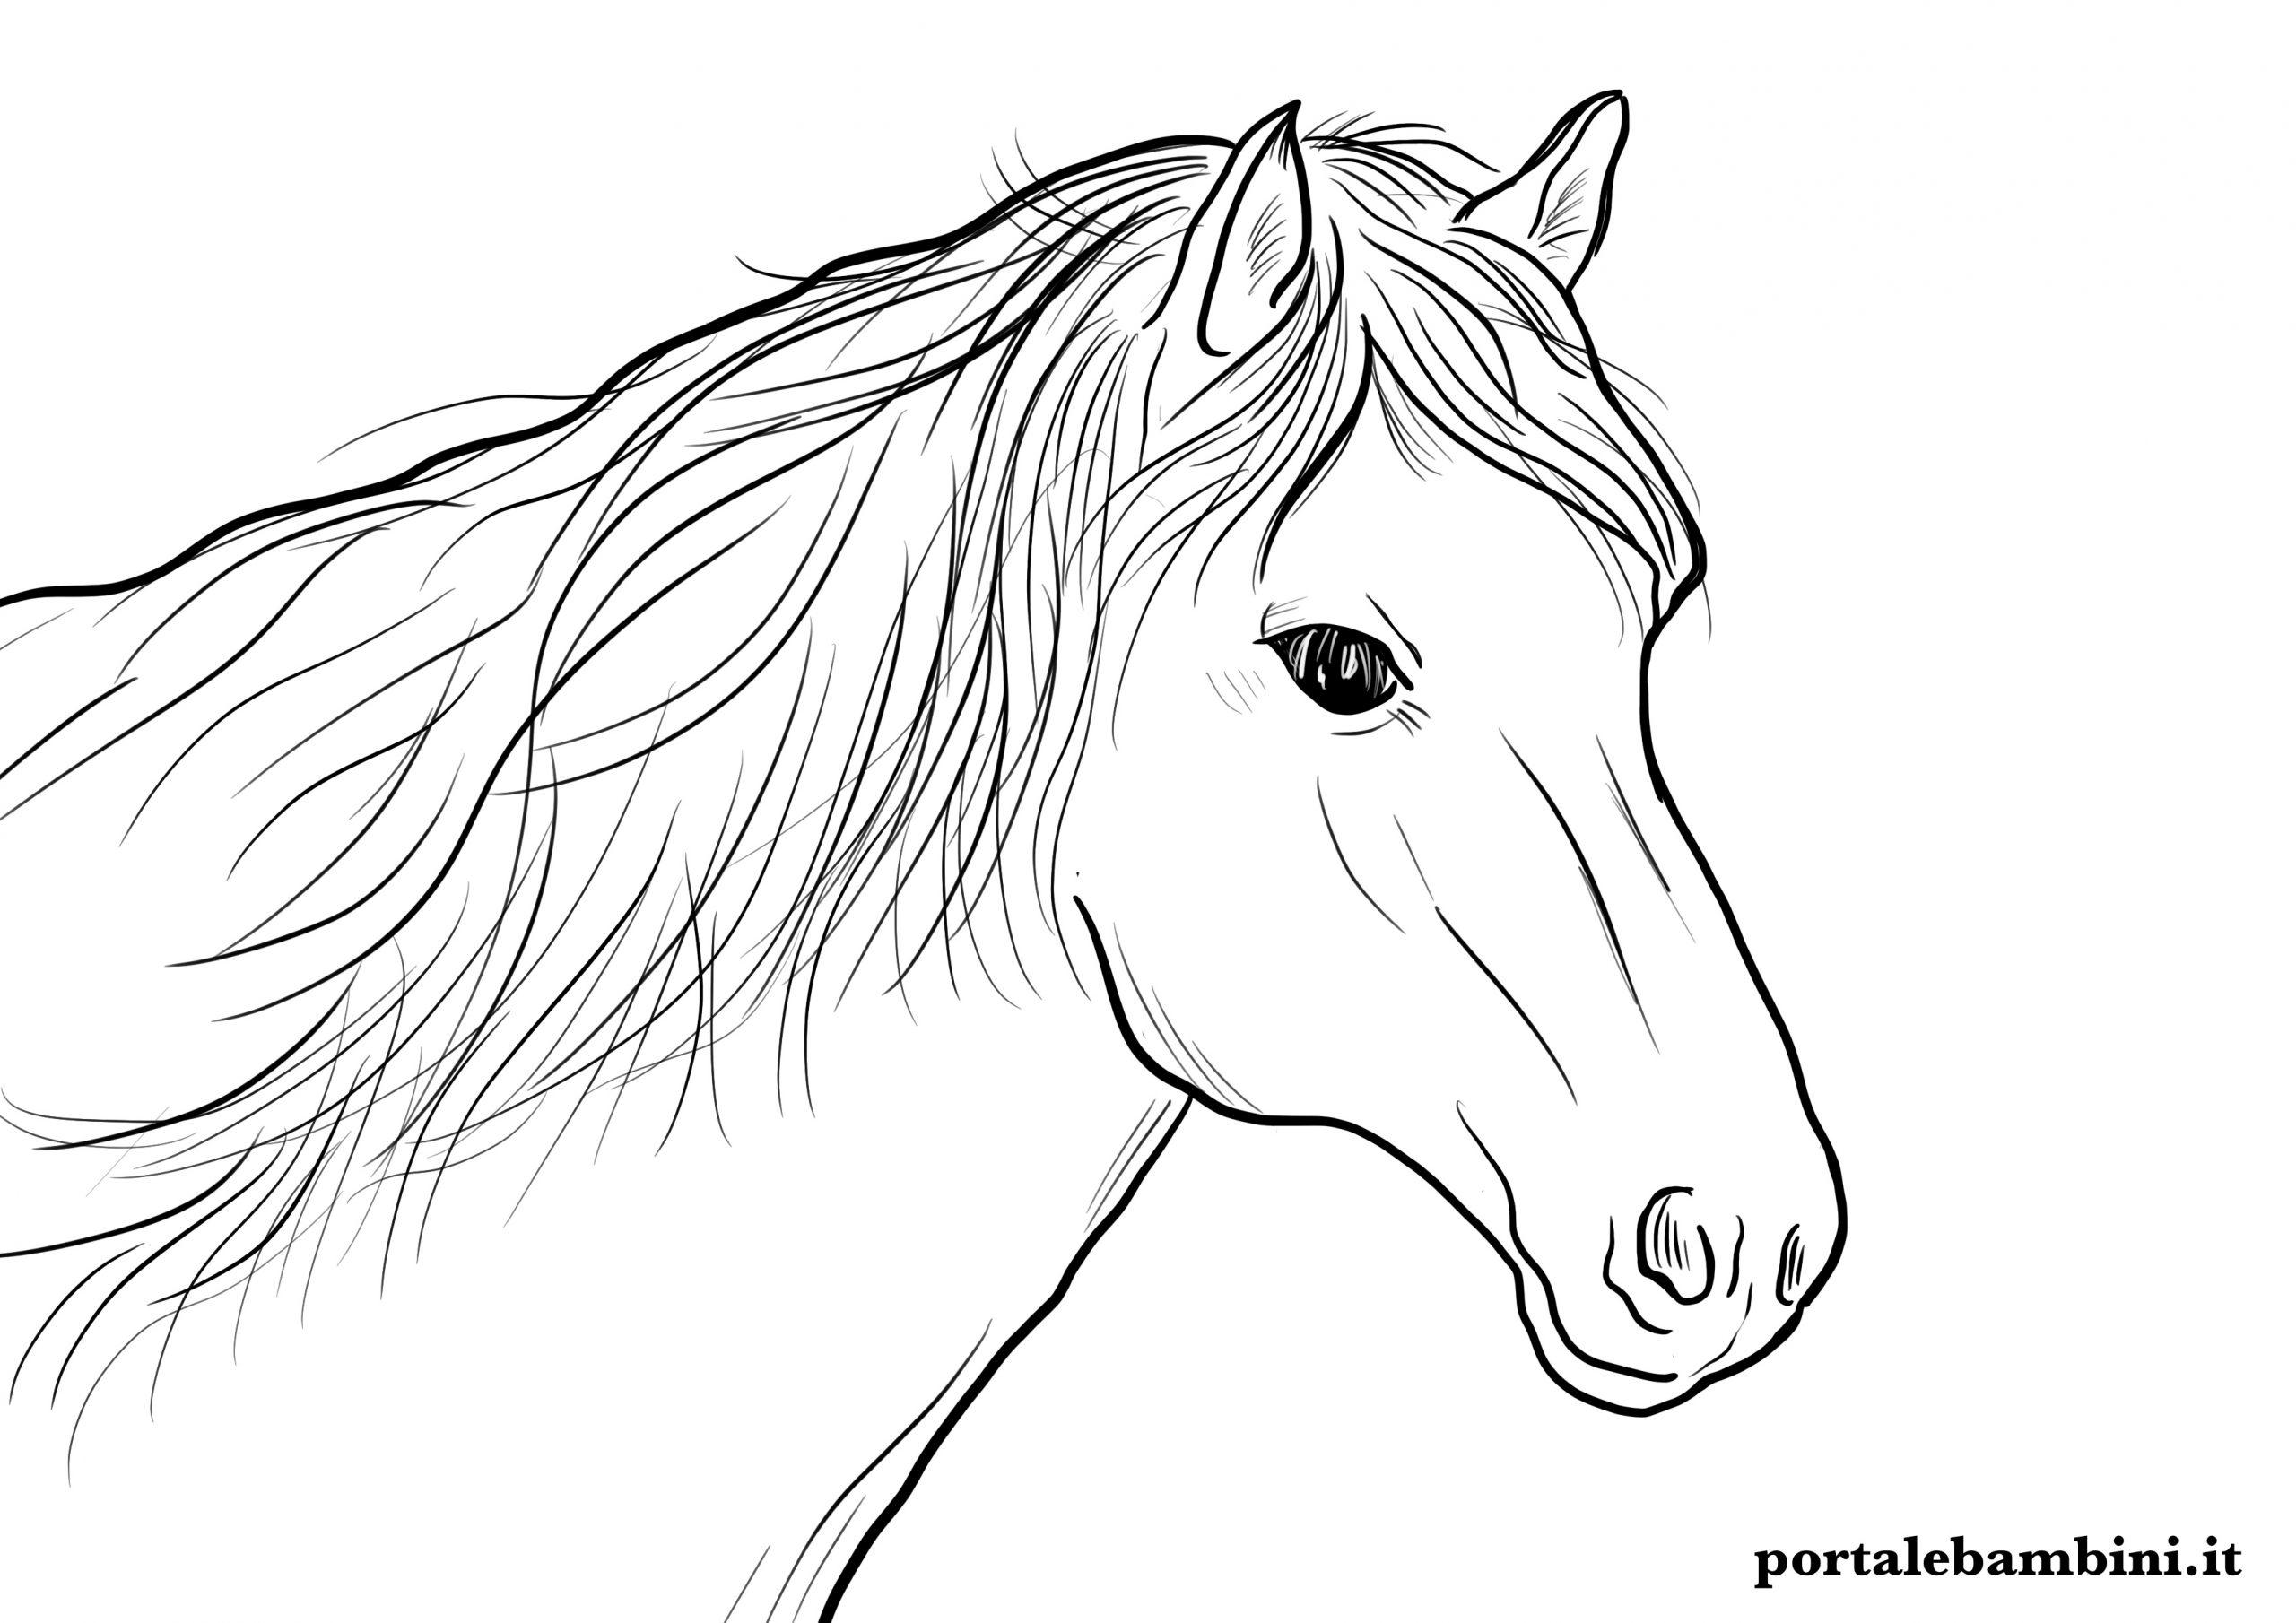 disegni di cavalli da stampare e colorare per bambini